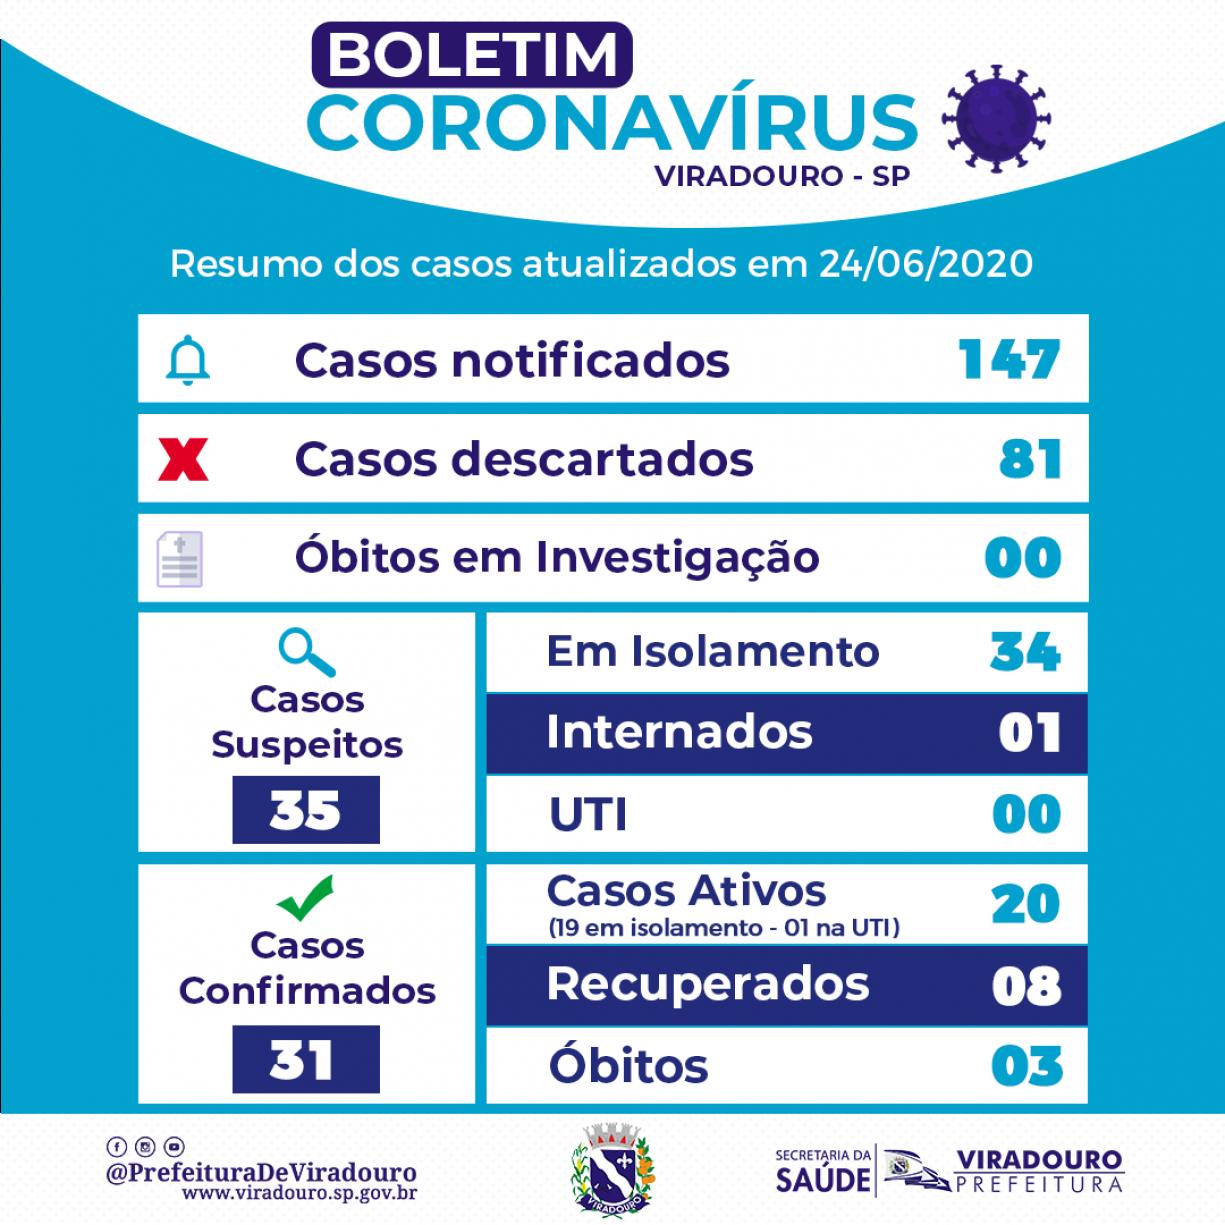 Boletim Epidemiológico Viradouro (Atualização 24/06/2020)